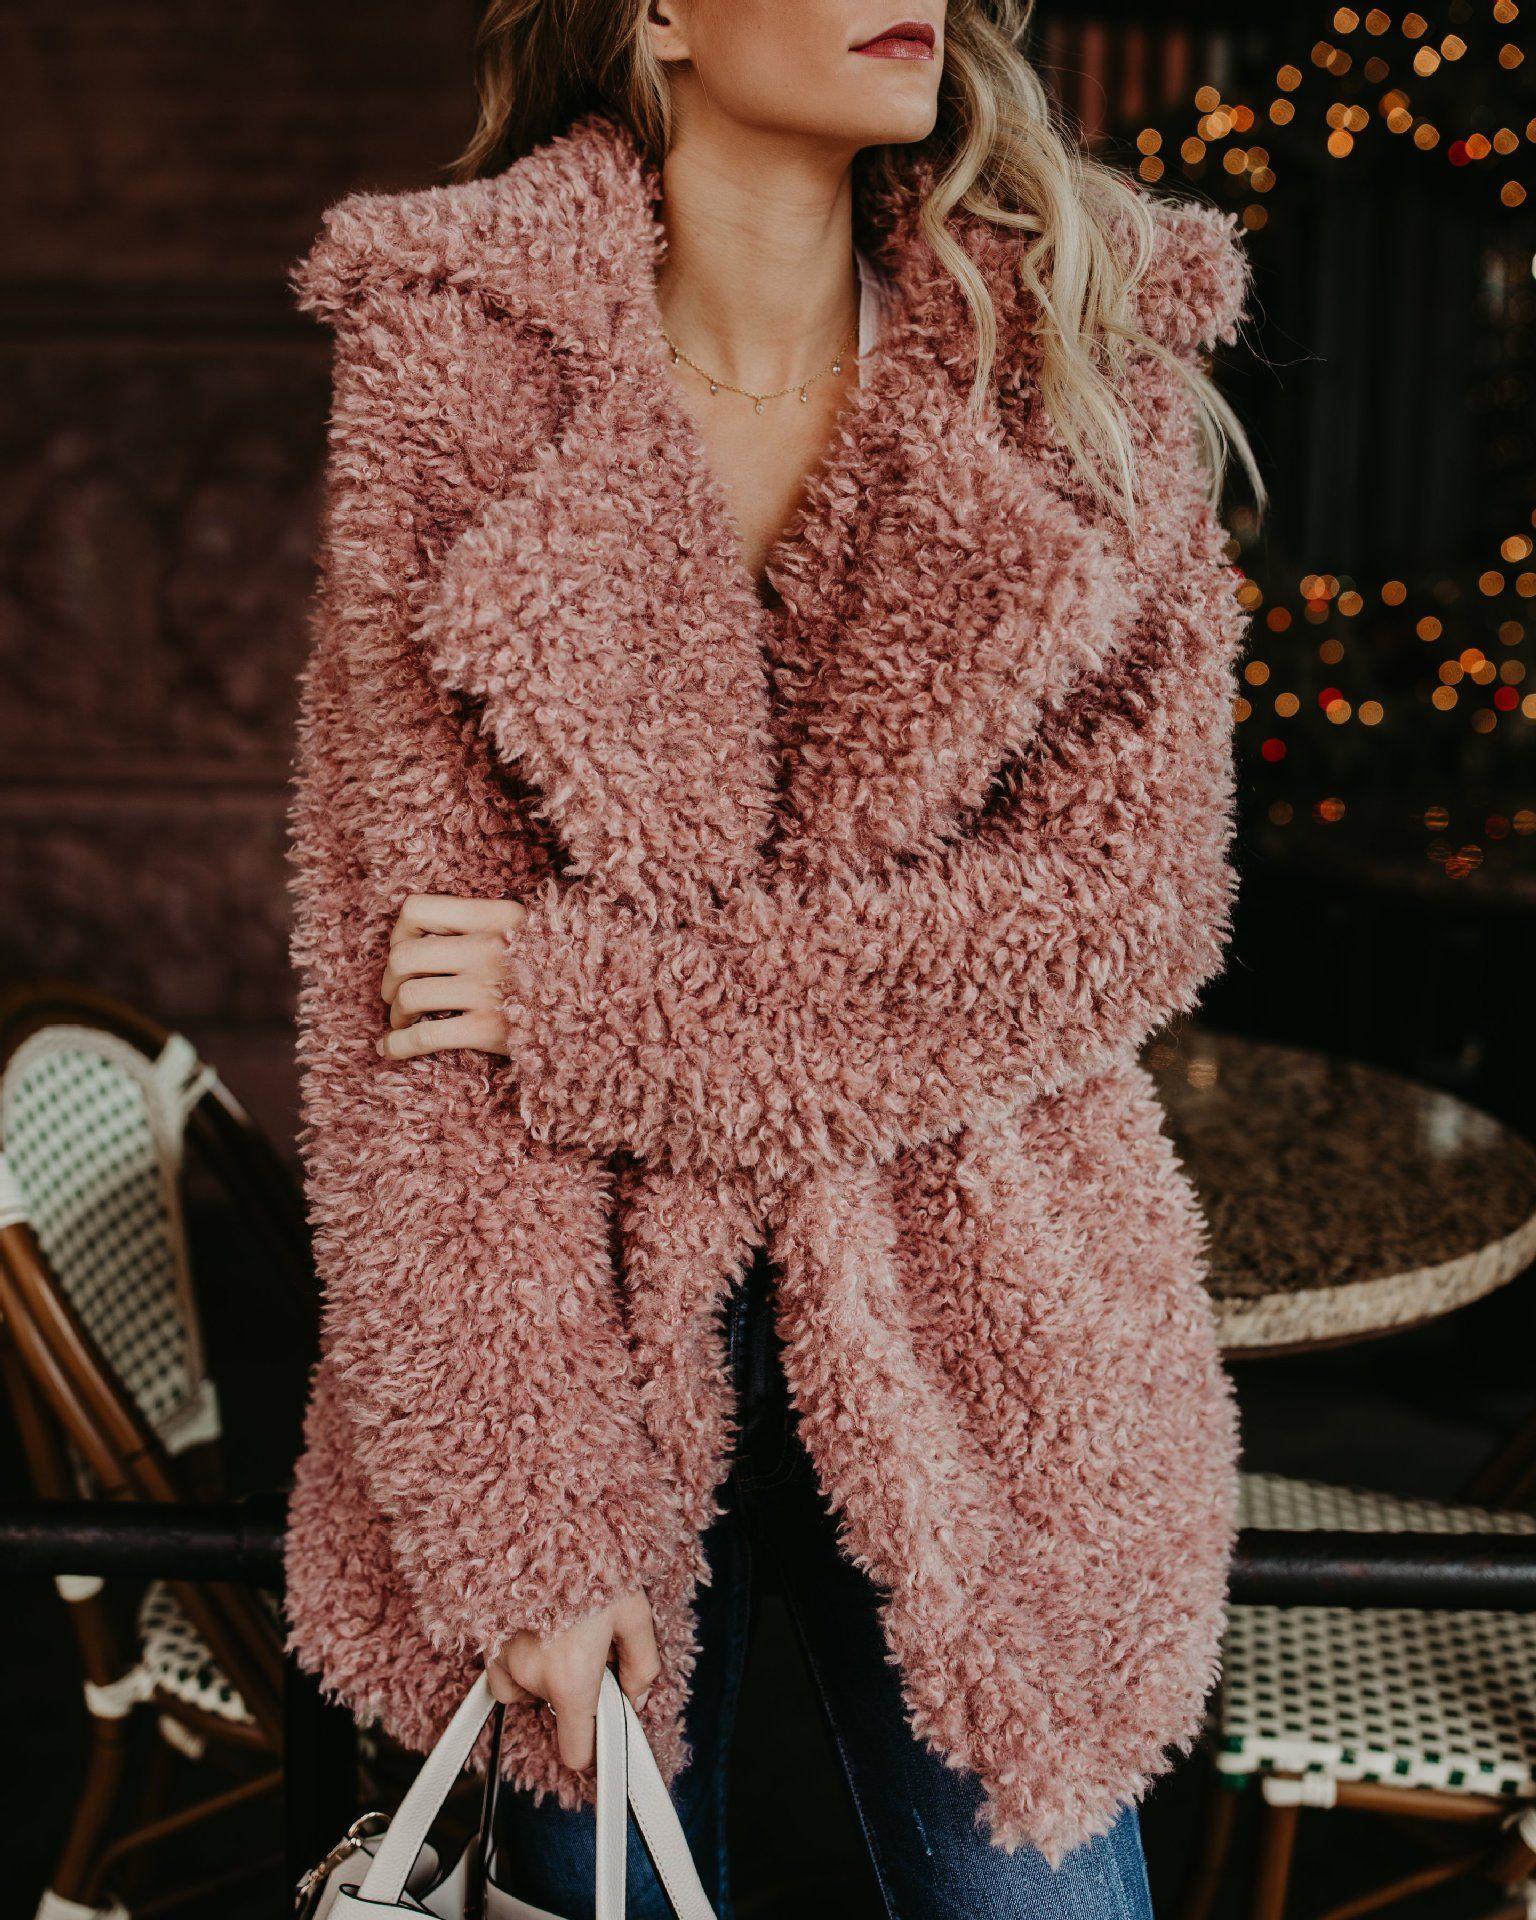 Women Winter Jacket Coat Faux Fur Bomber Jacket Teddy Coat Trench Wool Pink Overcoat Long Sleeve Hooded Outwear